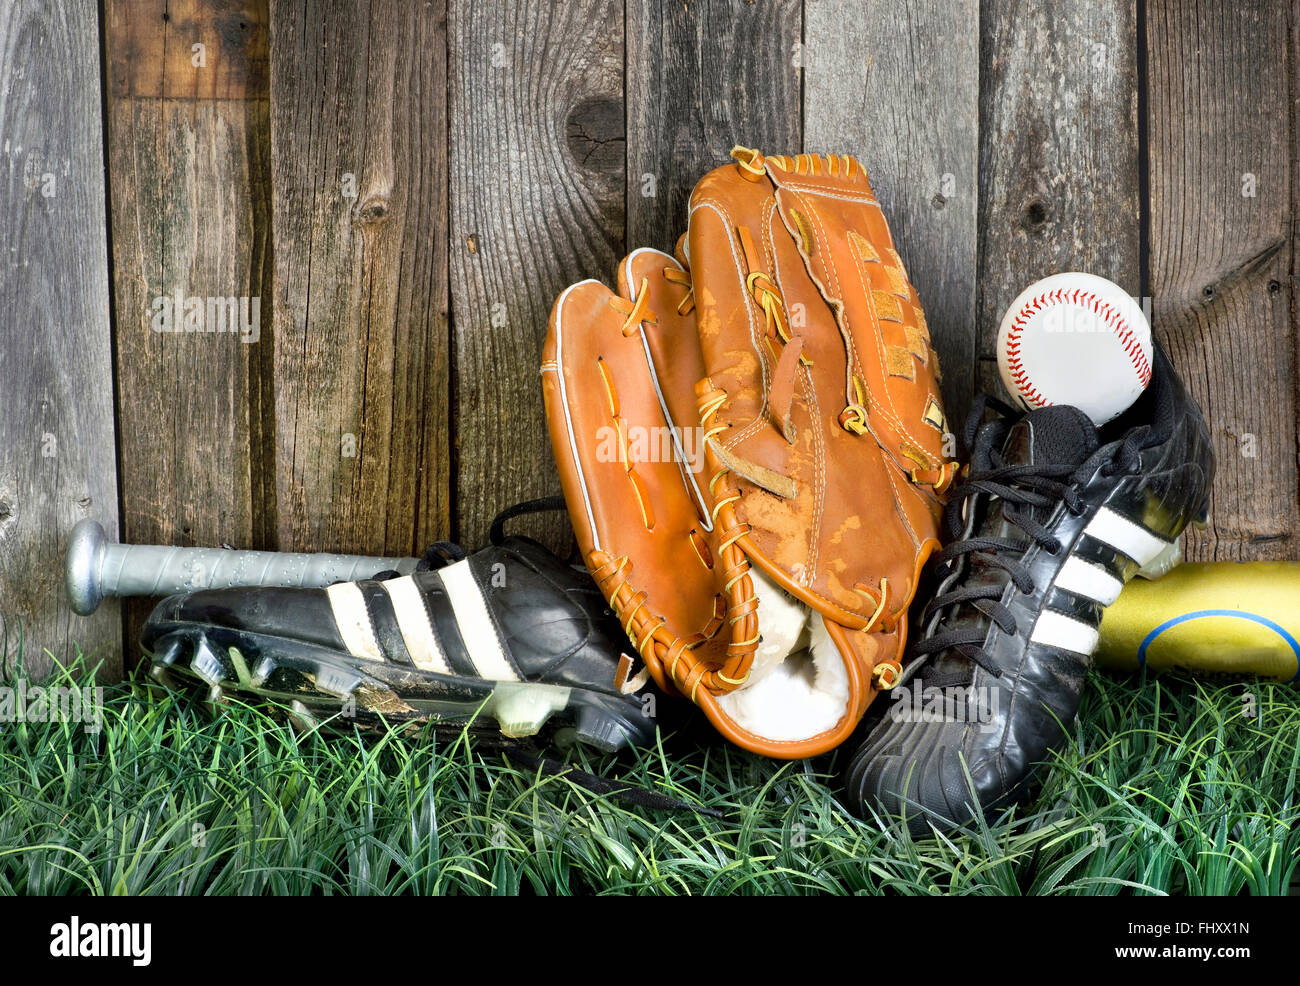 Zeit, mit der richtigen Ausrüstung American Baseball zu spielen. Stockbild